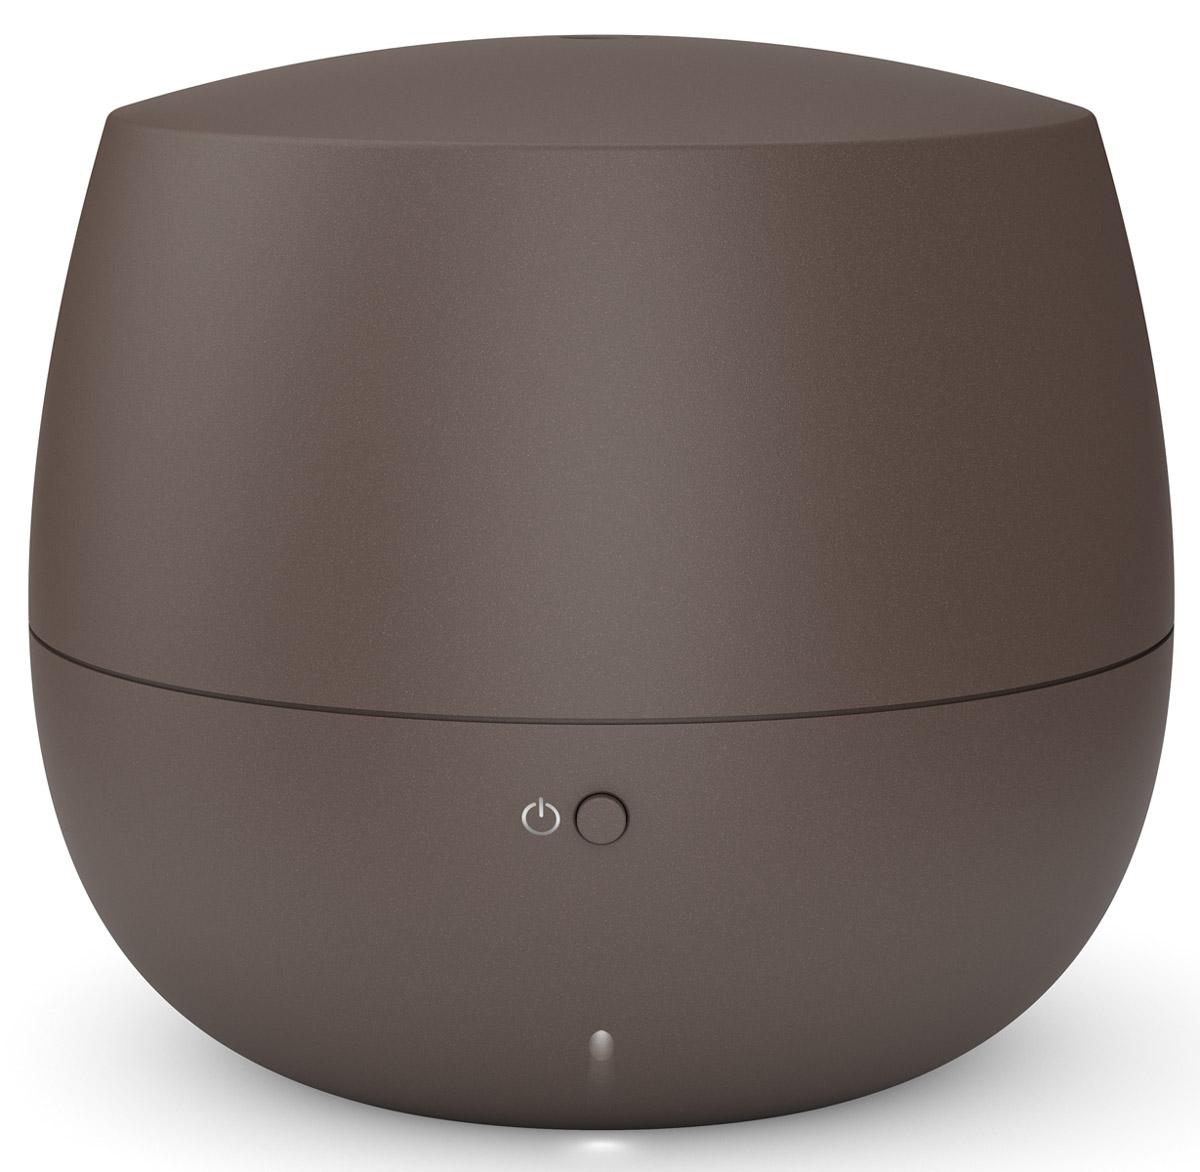 Stadler Form Mia, Bronze ароматизатор воздуха00000051233Еще несколько шагов по знакомым ступенькам, язычок замка нехотя перевернется, и вы окажетесь дома. Раньше,чем свет покажет вам привычную картину прихожей, вы ощутите едва заметный, ласковый и теплый аромат. Таквас встречает Stadler Form Mia - миниатюрный ароматизатор воздуха для дома.Этот умный ароматизатор выполняет работу эффективно и незаметно. Даже ее символическая подсветканаправлена вниз - Mia словно опустила взгляд. Впрочем, обратить на нее внимание все же стоит: мягкий дизайн,форма которого близка человеку на генном уровне, и теплая матовость материала будут вкусной пищей длявашего чувства прекрасного. Если оставить высокие материи и обратиться к технологиям, то внутри Mia можно обнаружить современнуюутльтразвуковую мембрану. Она превращает воду, в которую вы добавляете любимый аромат, в мелкокапельный легчайший пар. Он хорошо смешивается с воздухом, равномерно наполняя все помещение ненавязчивым благоуханием.Для того чтобы аромат не становился слишком резким, в ароматизаторе предусмотрен интервальный режим.Это означает, что прибор насыщает воздух ароматом в течение 10 минут, а затем отключается на 20 минут, чтобыконцентрация эфирного масла была невысокой, и запах не стал приторным.За счет интервального режима Mia может непрерывно работать 10 часов, а значит - встречать вас успокаивающей лавандой после работы или всю ночь удобрять иммунитет маслом чайного дерева. Насчет спокойствия можно не беспокоиться и смело пускать Mia в спальню: она работает практически неслышно.